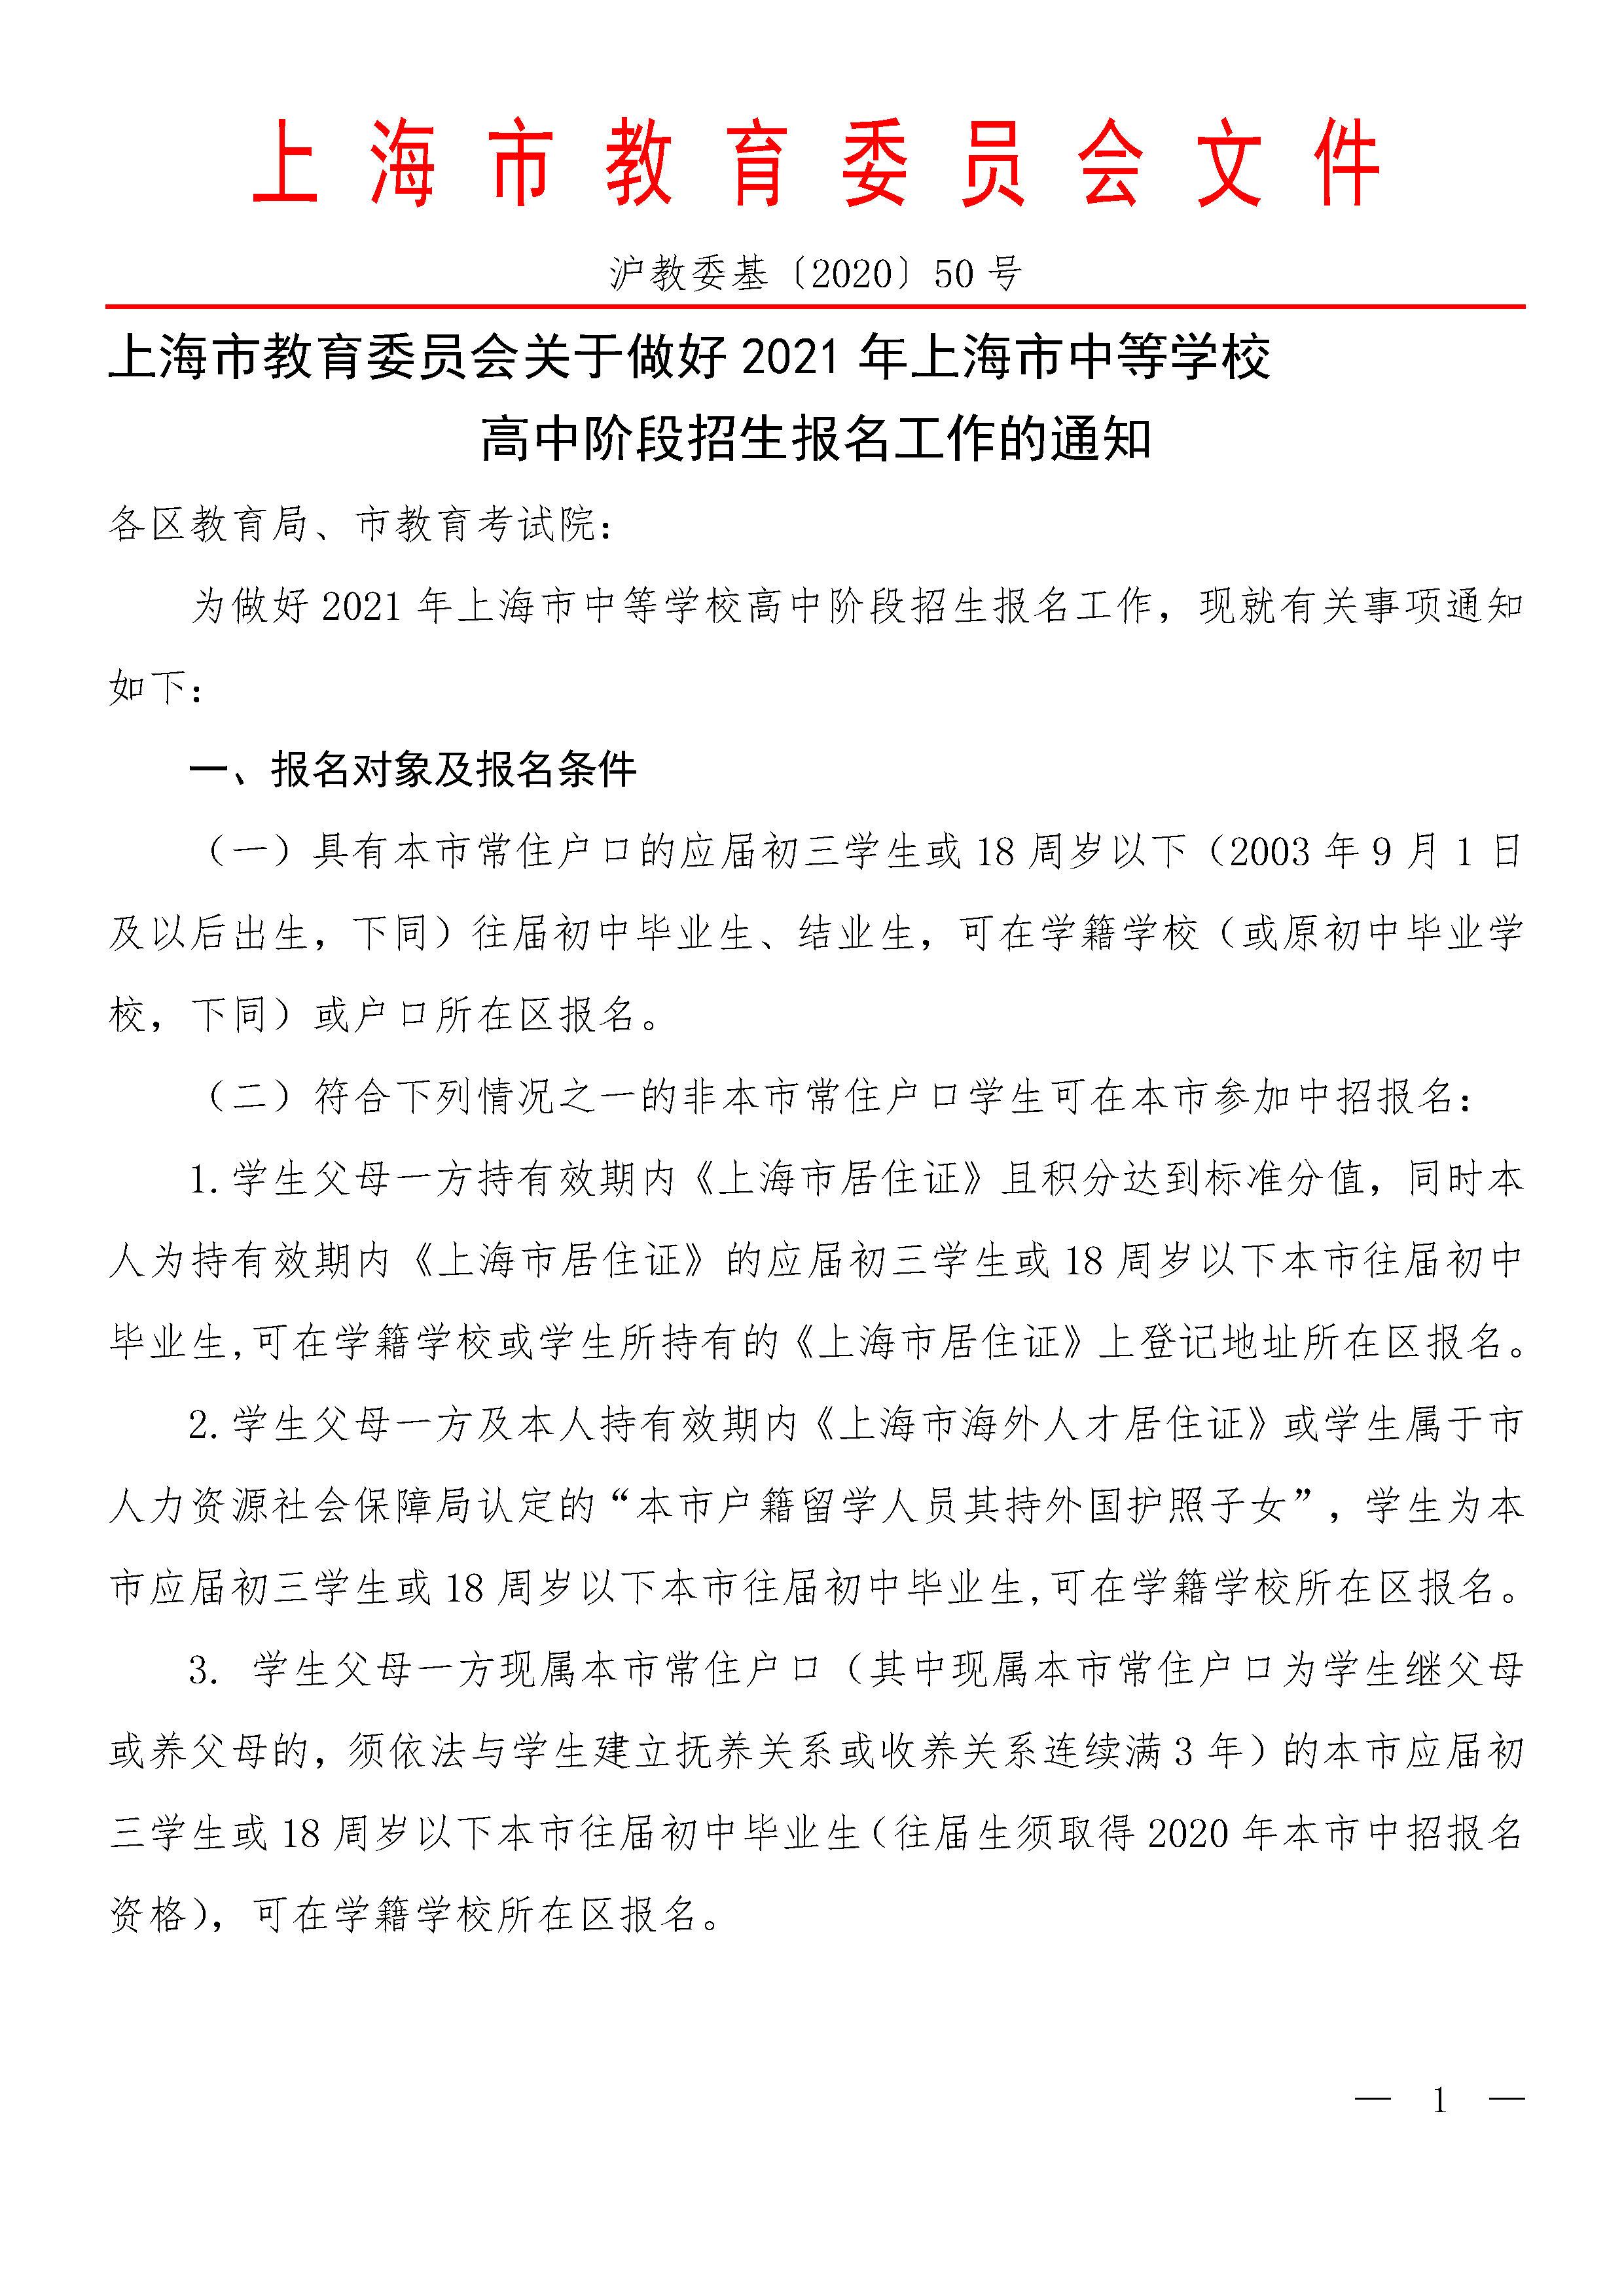 2021上海市中等学校高中阶段招生报名工作通知